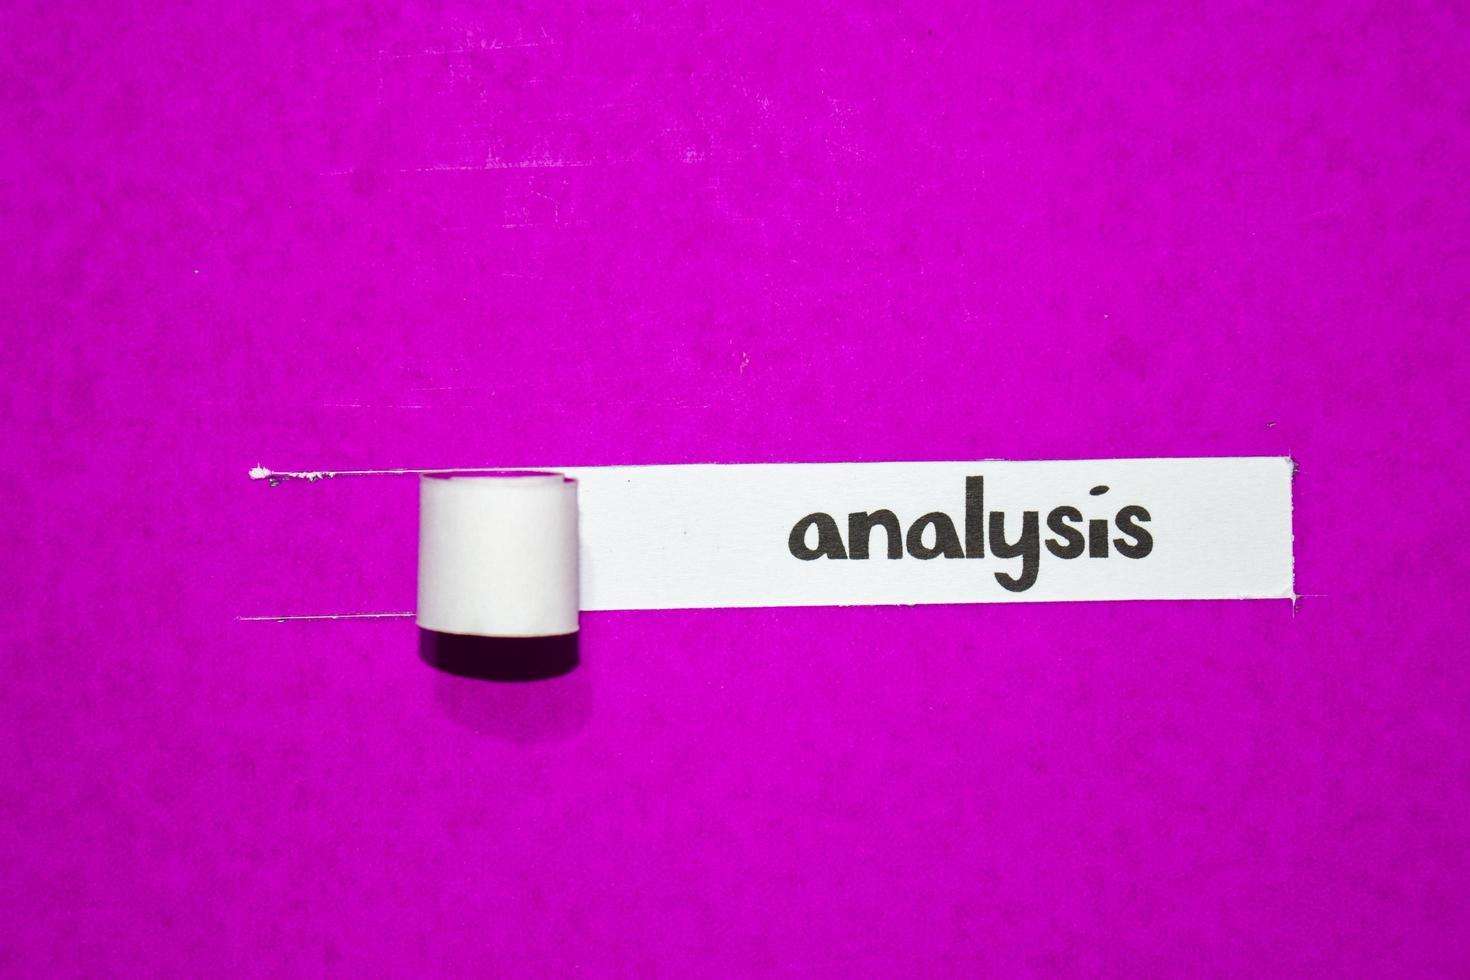 texte d'analyse, inspiration, motivation et concept d'entreprise sur papier déchiré violet photo